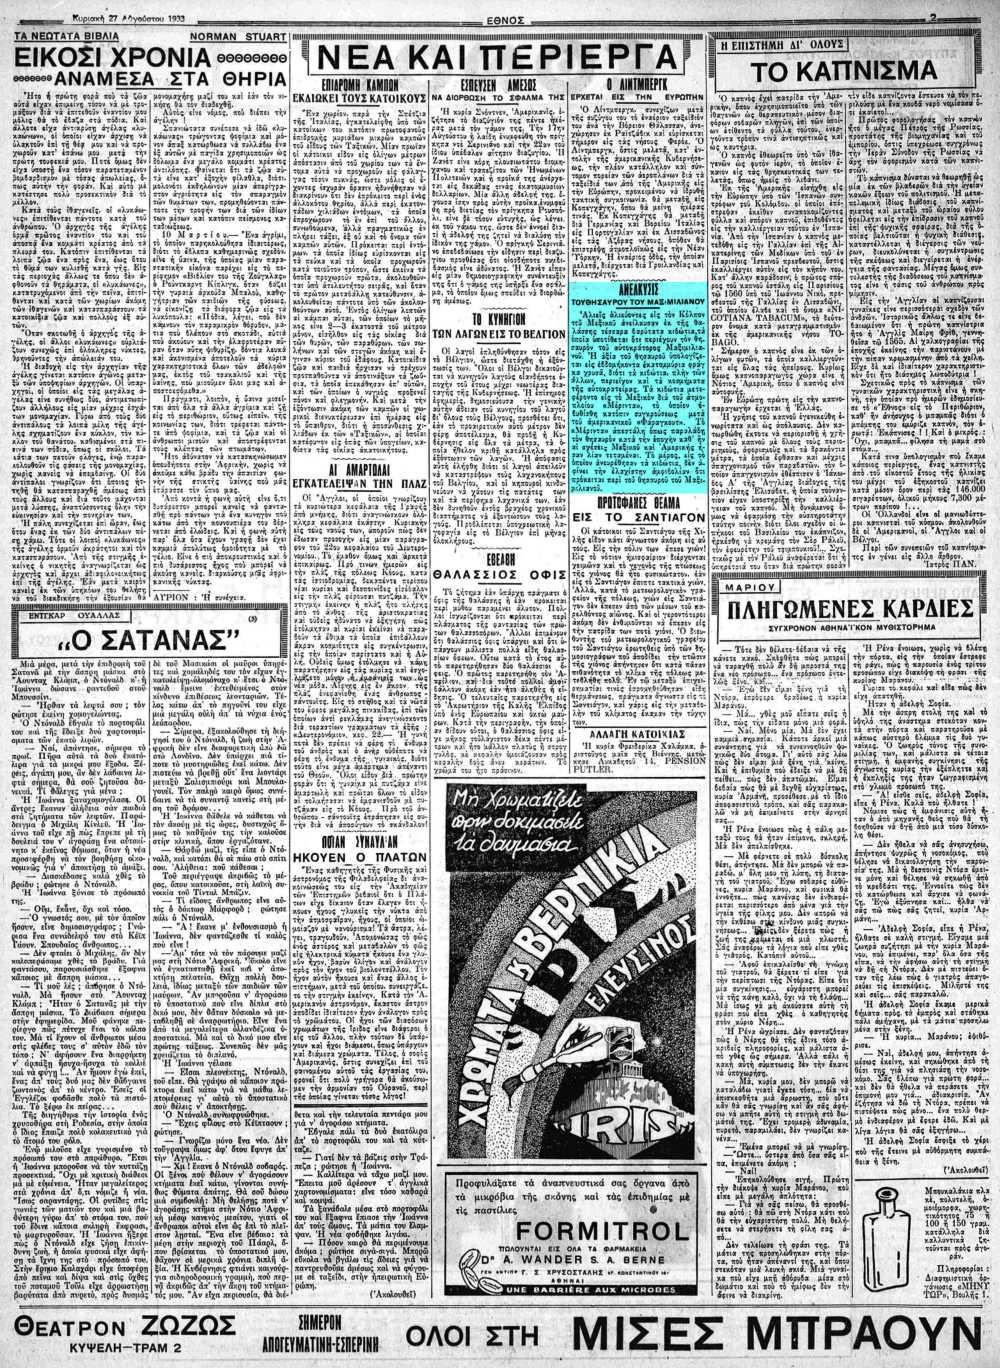 """Το άρθρο, όπως δημοσιεύθηκε στην εφημερίδα """"ΕΘΝΟΣ"""", στις 27/08/1933"""